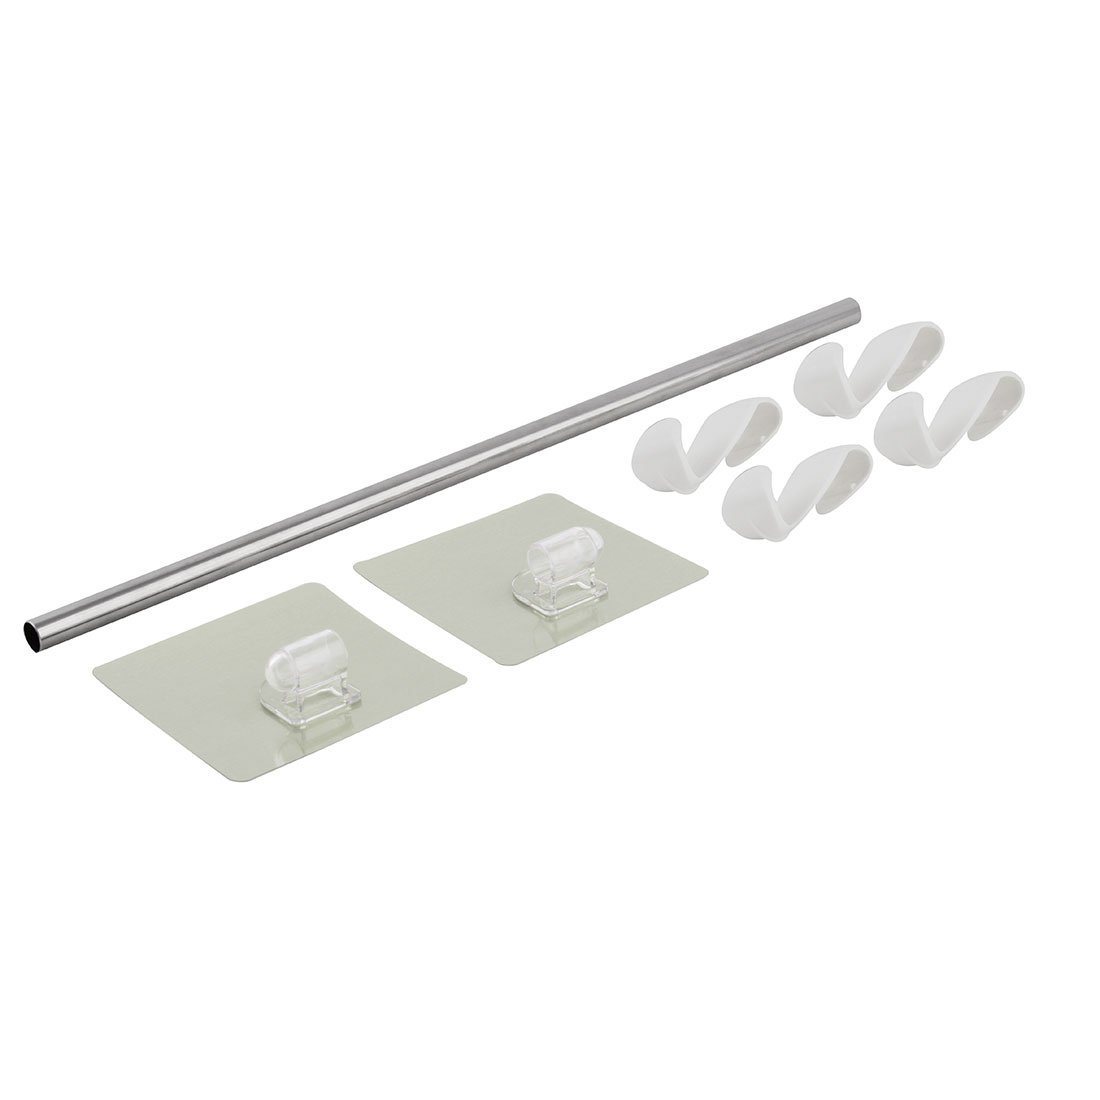 eDealMax plástico de baño 4 ganchos de montaje en pared Copa de succión del sostenedor del estante que cuelga del gancho - - Amazon.com